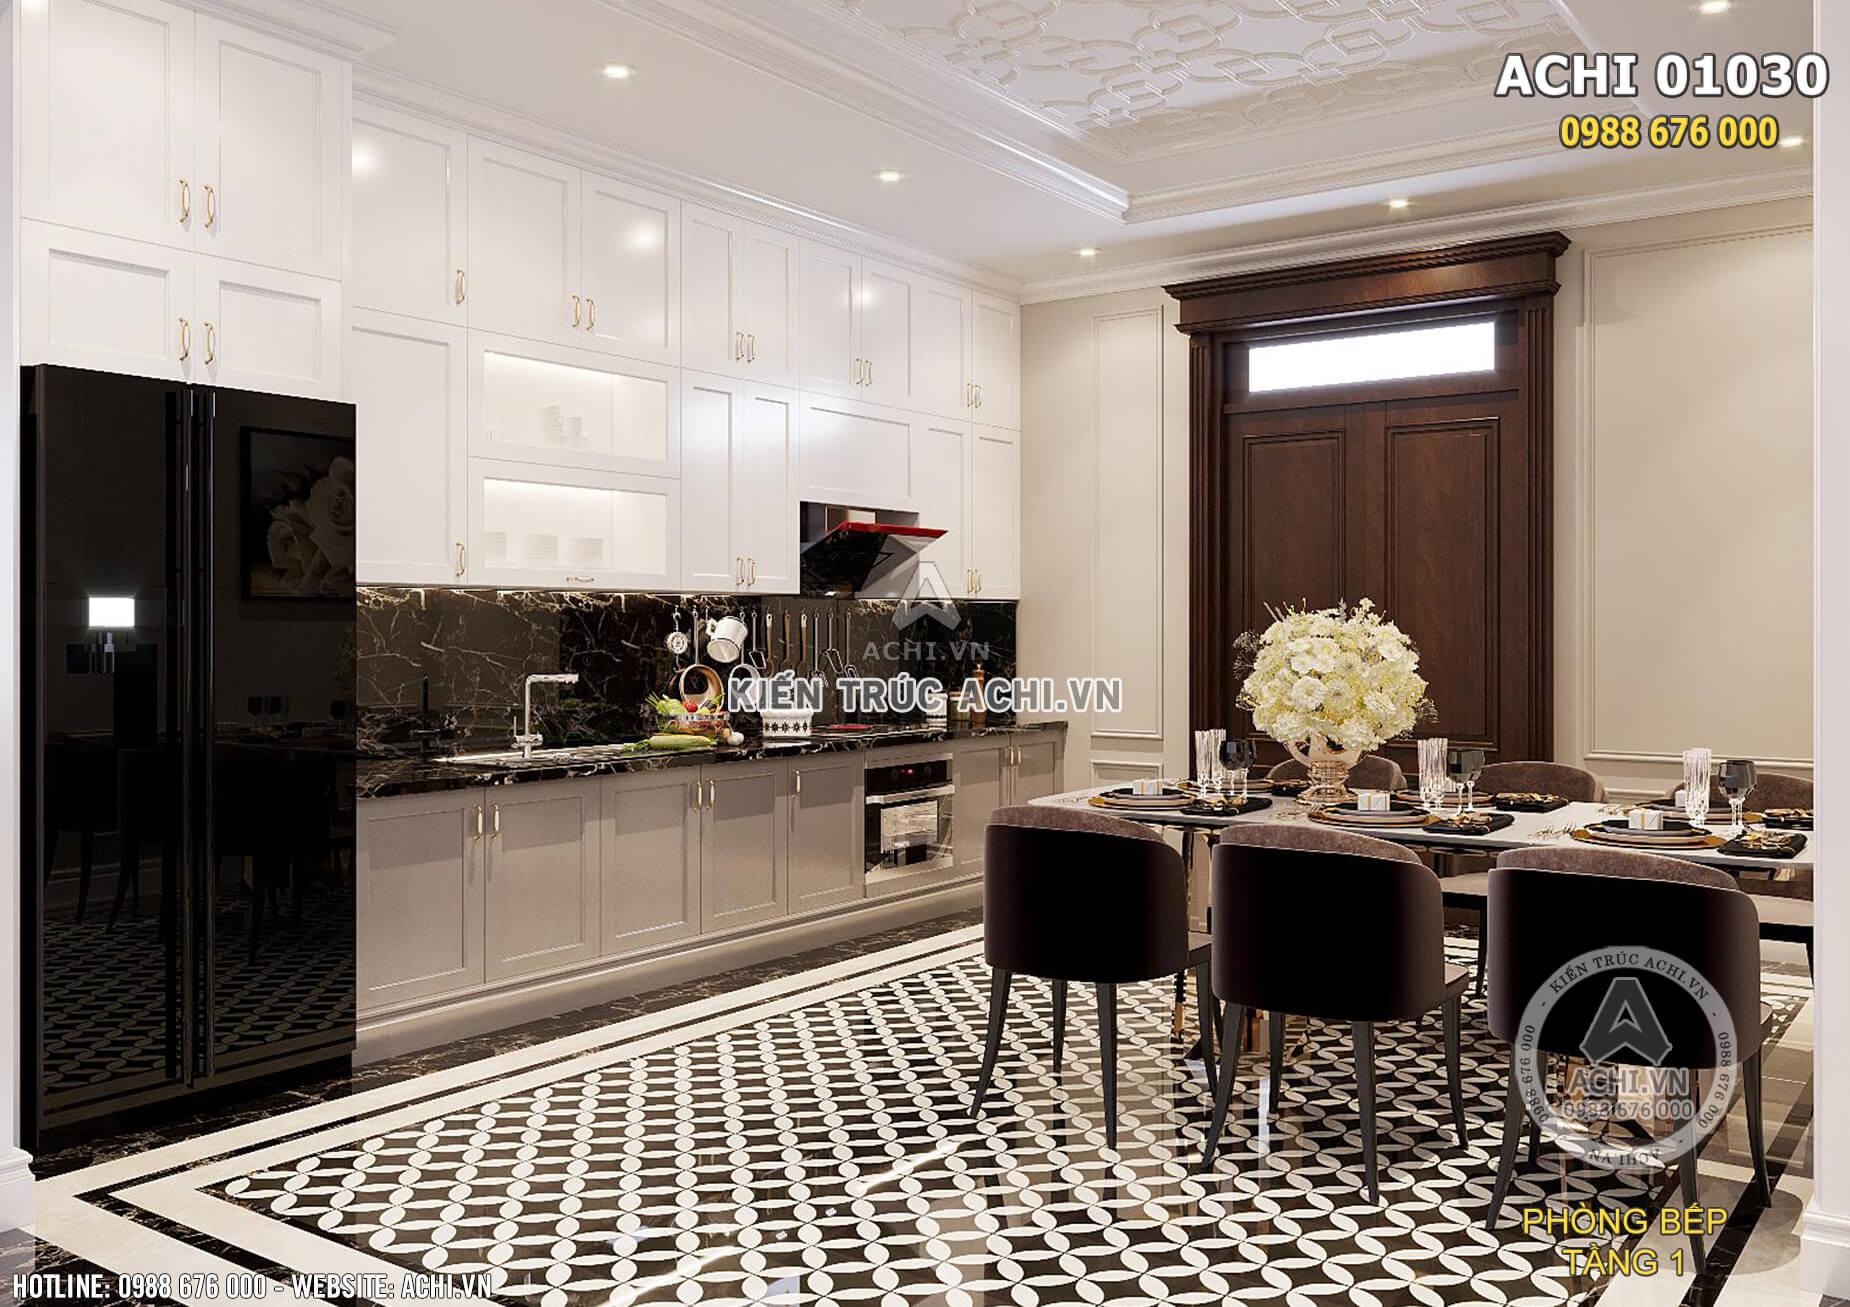 Thiết kế nội thất phòng bếp đơn giản nhưng ấn tượng theo phong cách kiến trúc tân cổ điển kết hợp địa trung hải